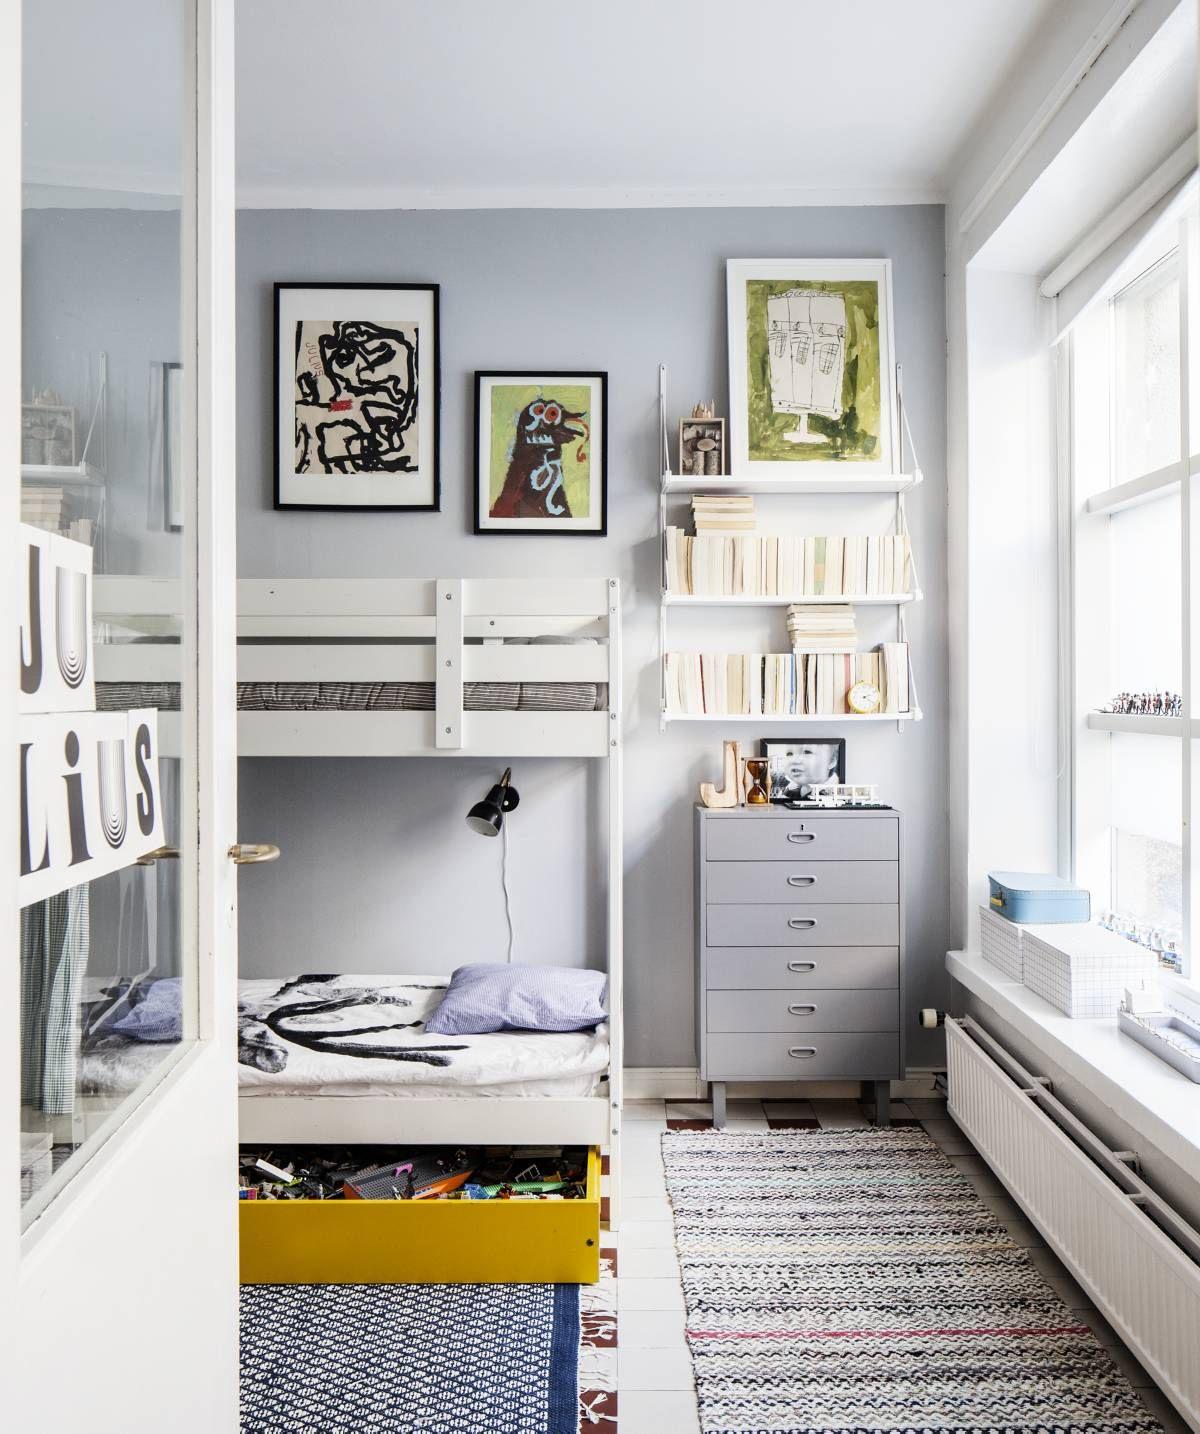 10-vuotiaan Juliuksen huoneessa on Ikeasta ostettu mäntyinen kerros-sänky, joka maalattiin valkoiseksi. Keltainen laatikko on kirpputorilta. Kuvataidekerhoa käynyt Julius on tehnyt huoneessa olevat teokset. Seinähylly on Ikeasta. Kierrätyskeskuksesta hankittu lipasto on maalattu harmaaksi.